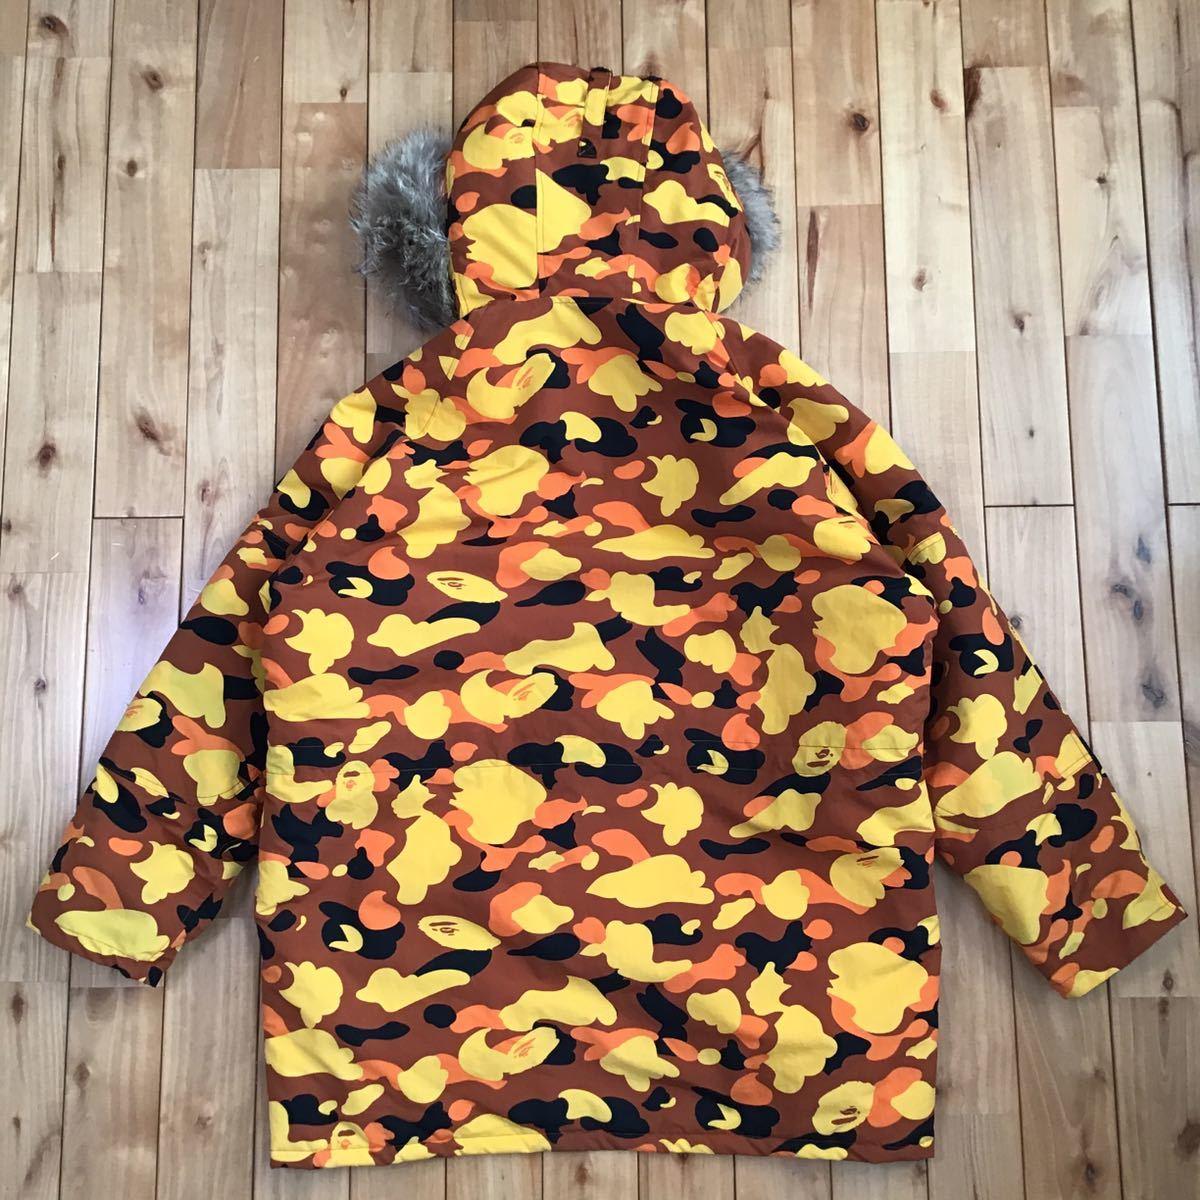 ファー付き 中綿ジャケット Mサイズ orange camo FUR hoodie down jacket a bathing ape bape エイプ ベイプ アベイシングエイプ 迷彩